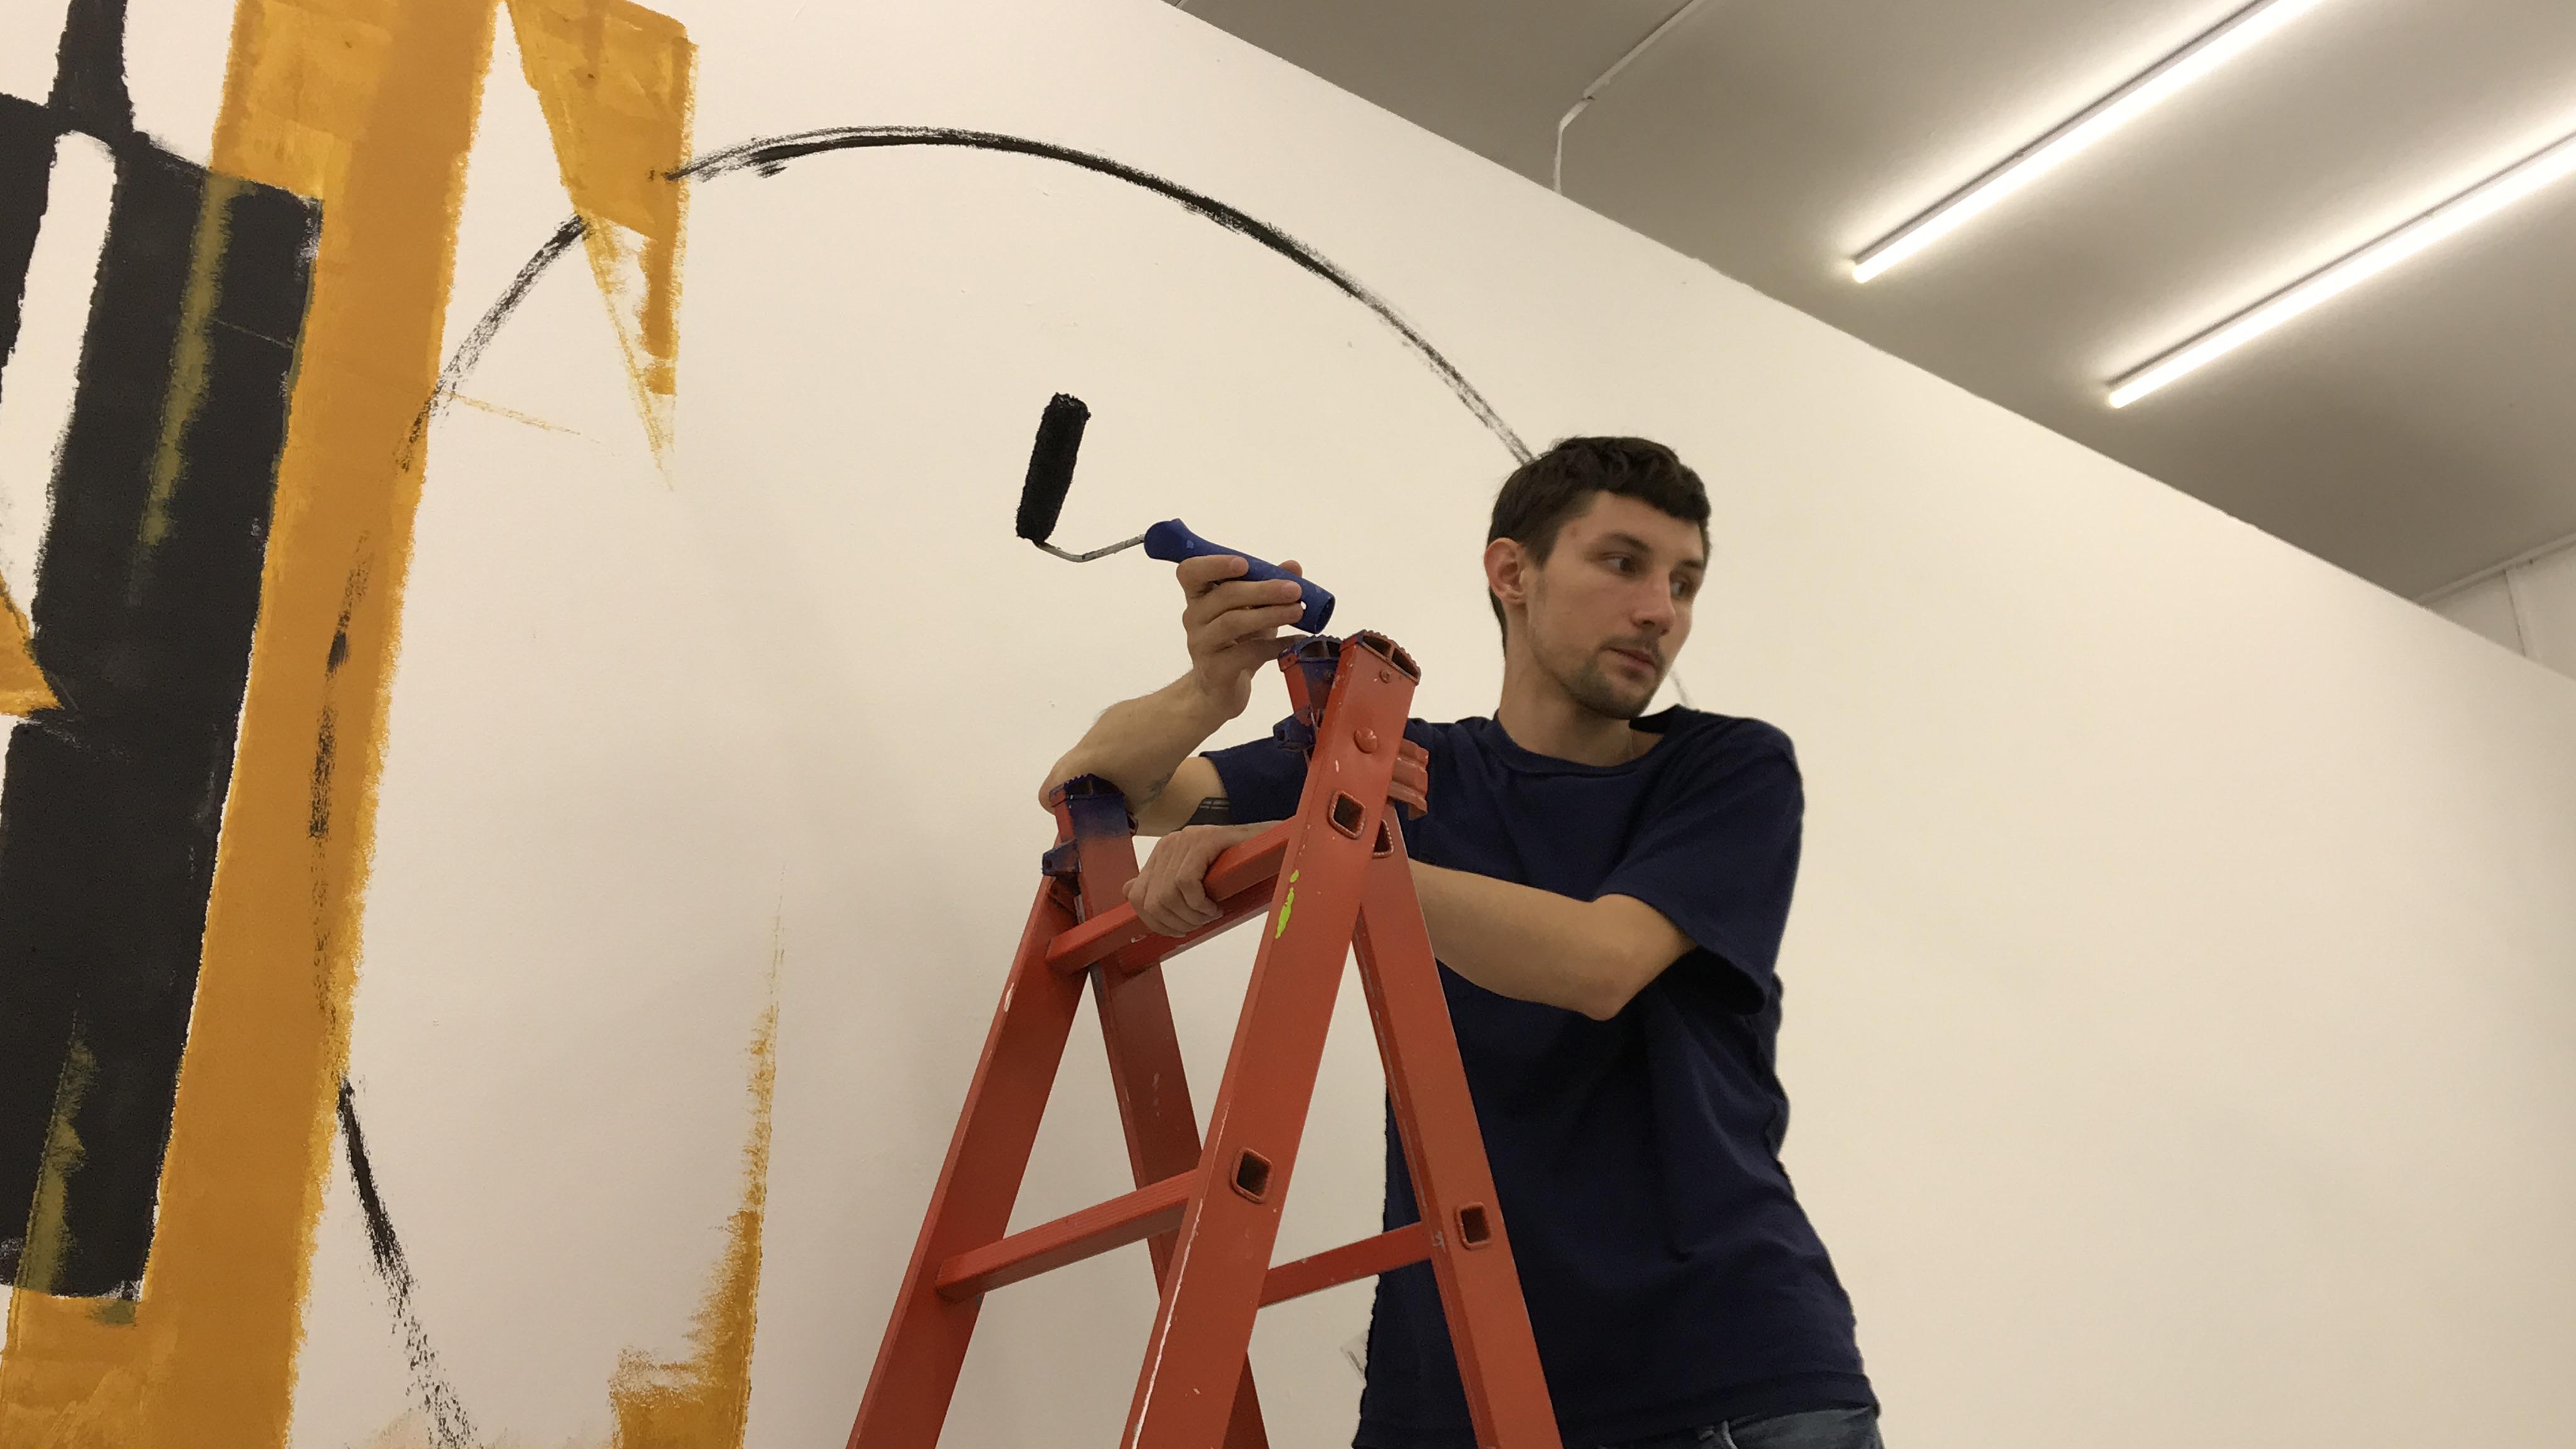 Матвей работает над надписью на стене. Фото: Анна-Полина Ильина